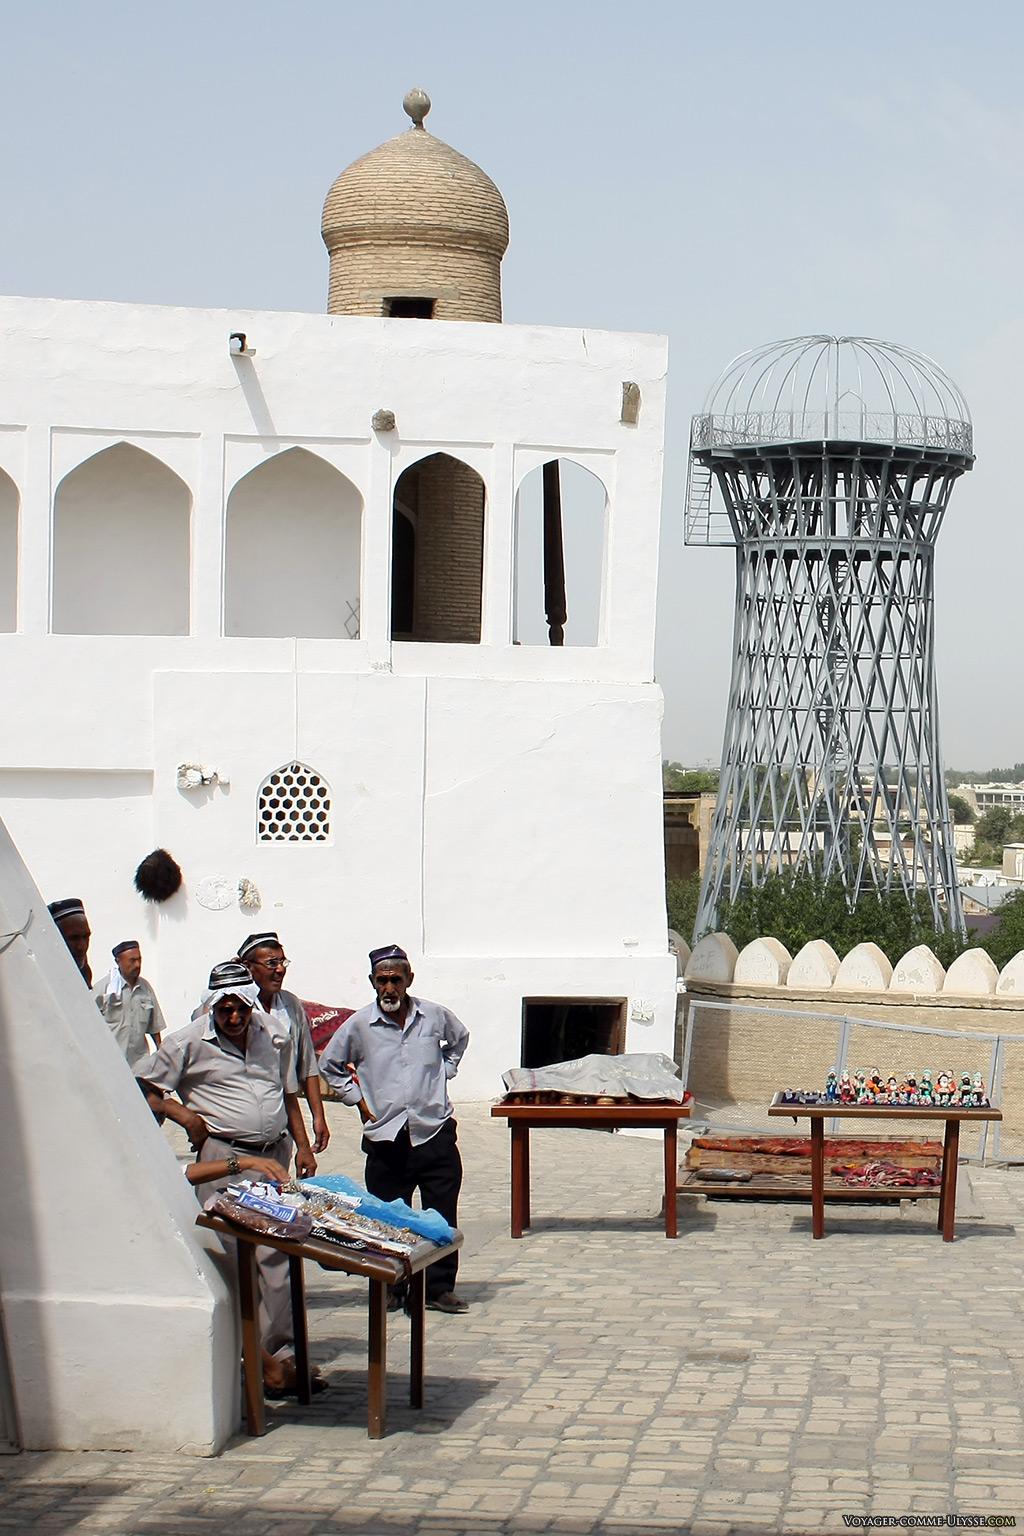 Les ouzbèks visitent leur patrimoine et le respectent. Depuis la fin de l'URSS, l'Ouzbékistan a fait de gros efforts de valorisation de son patrimoine culturel.